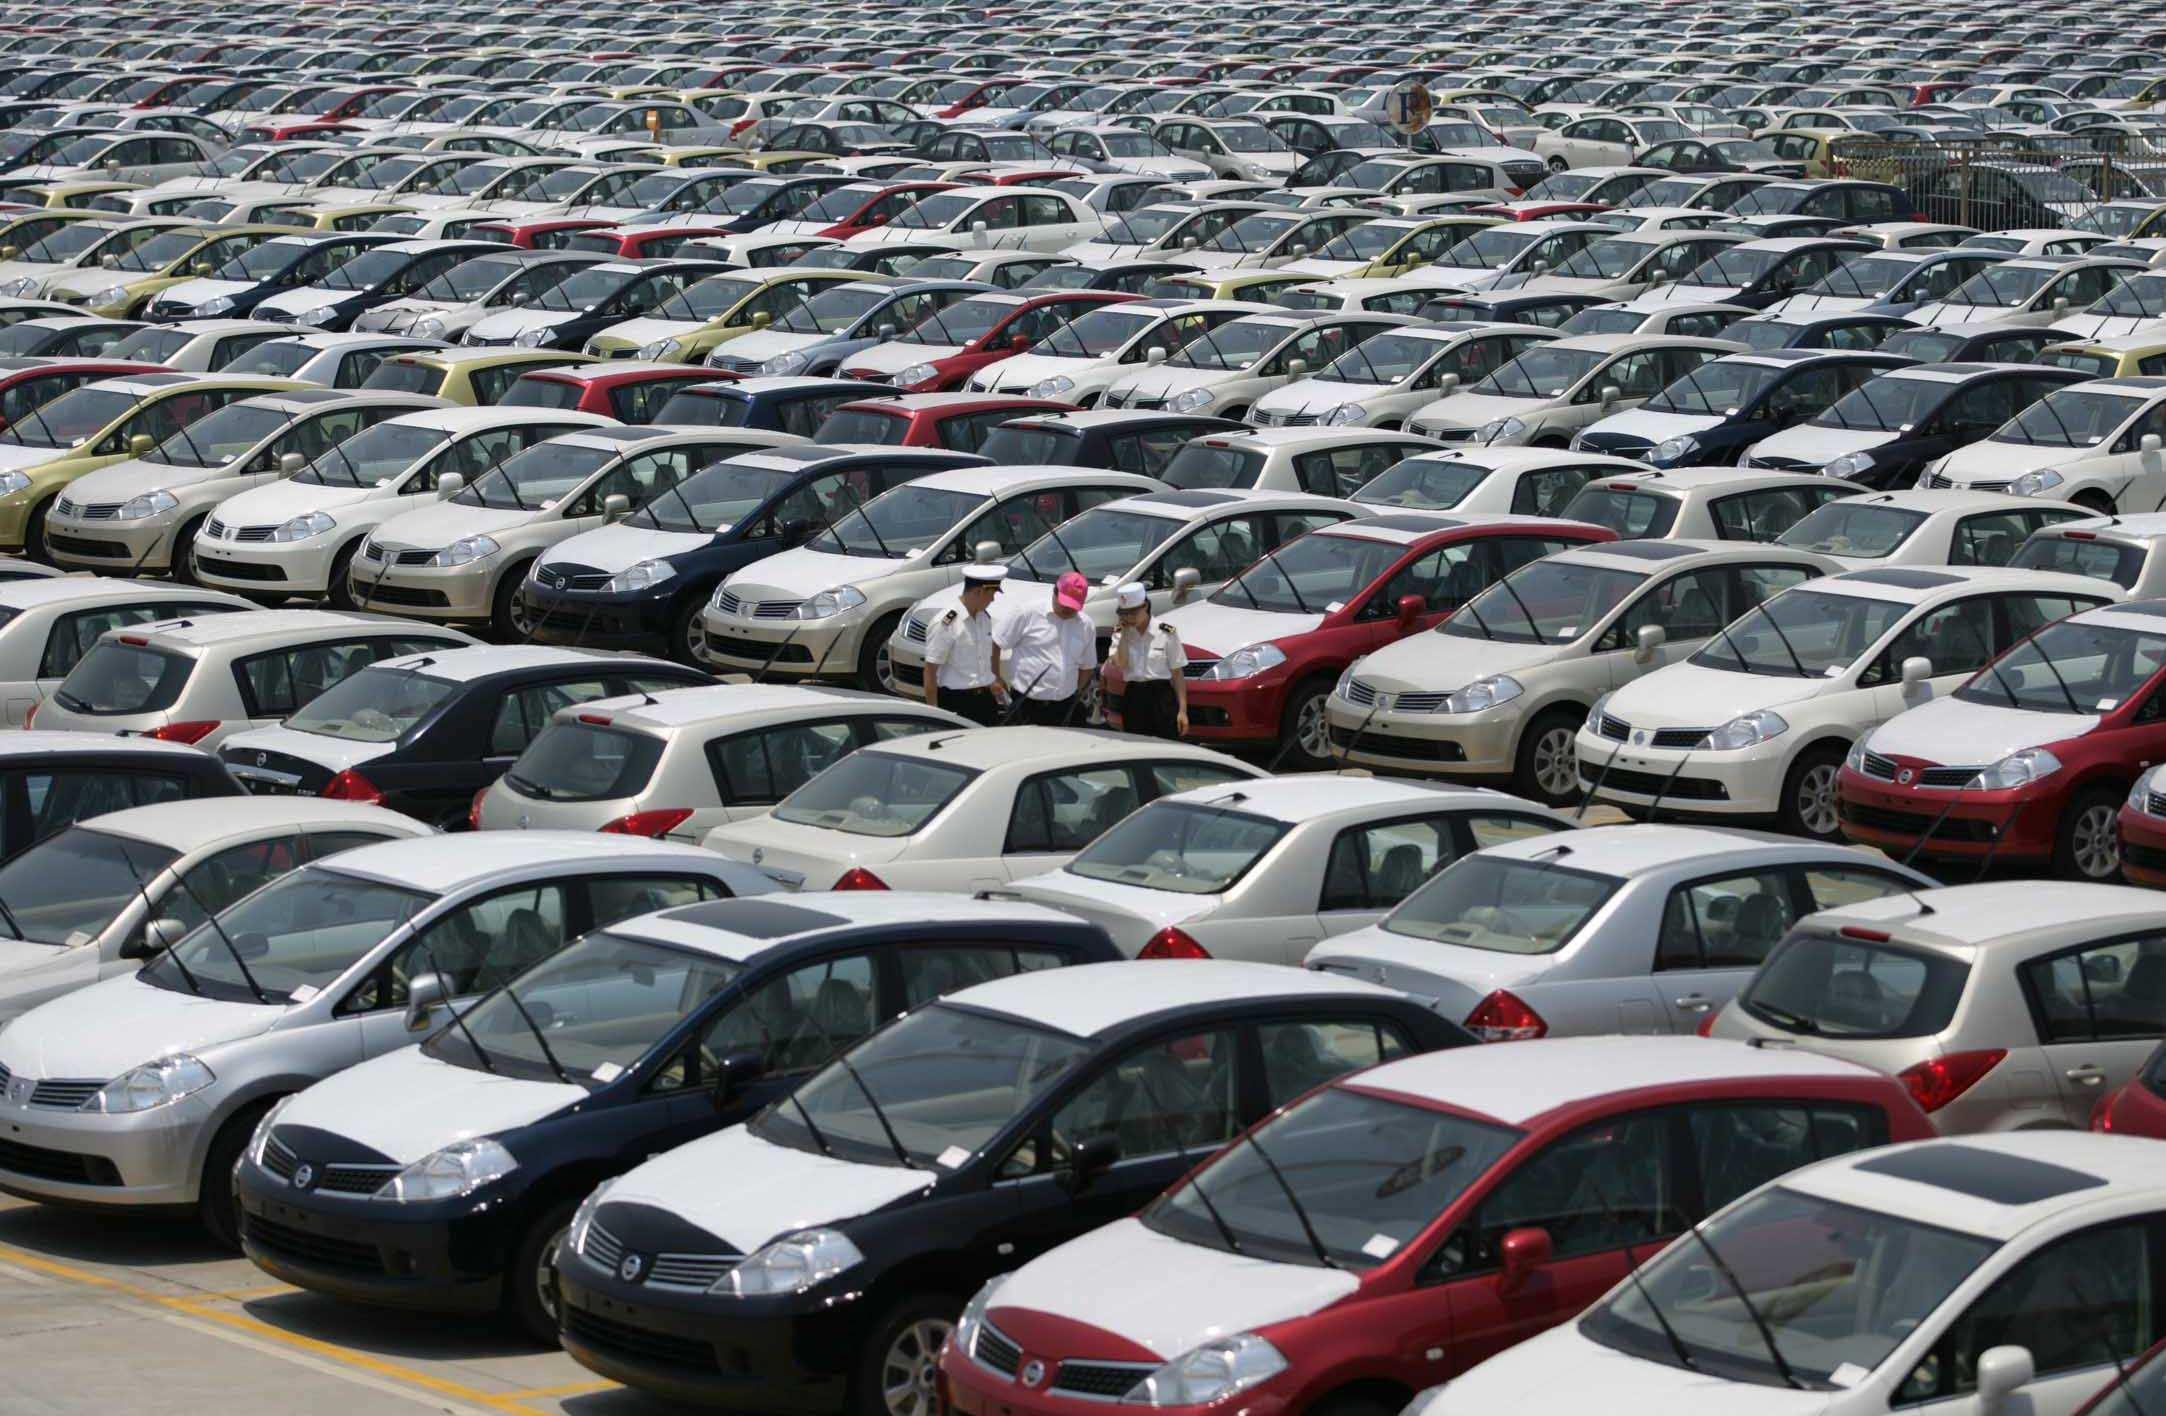 车市过冬:福特、标致雪铁龙等多家车企工厂停工